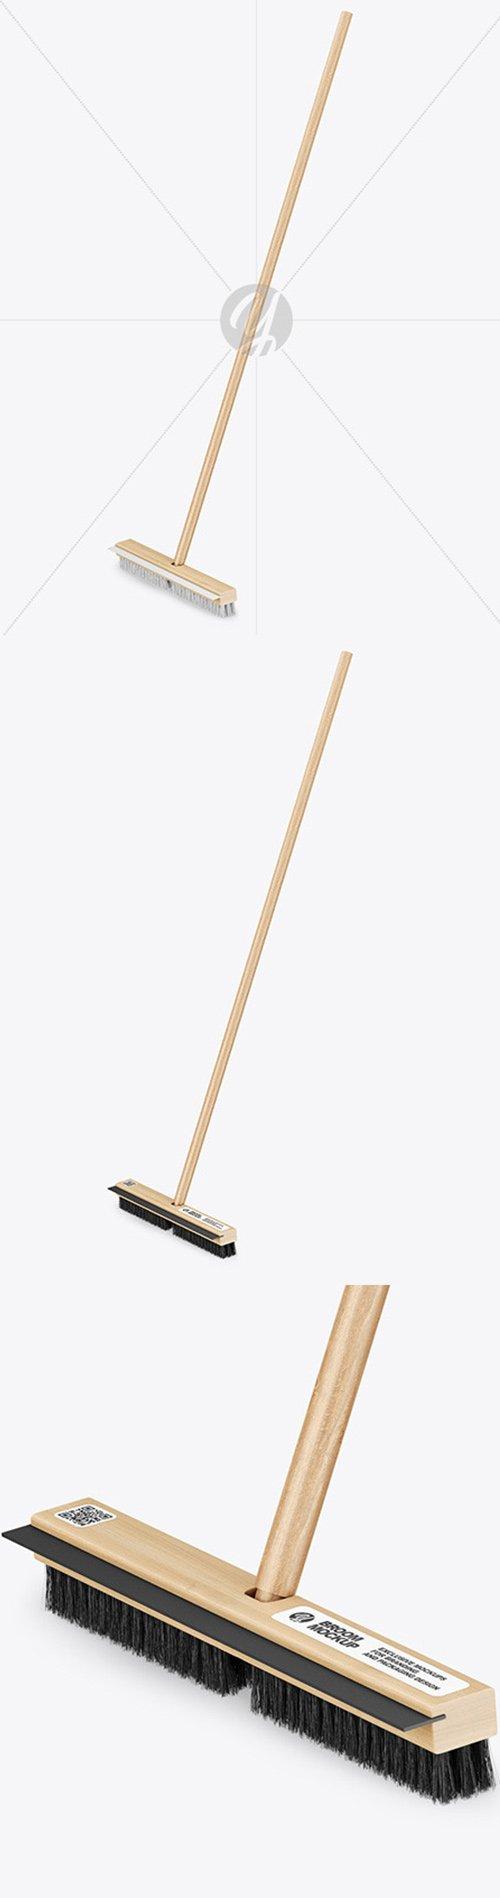 Broom Mockup 58711